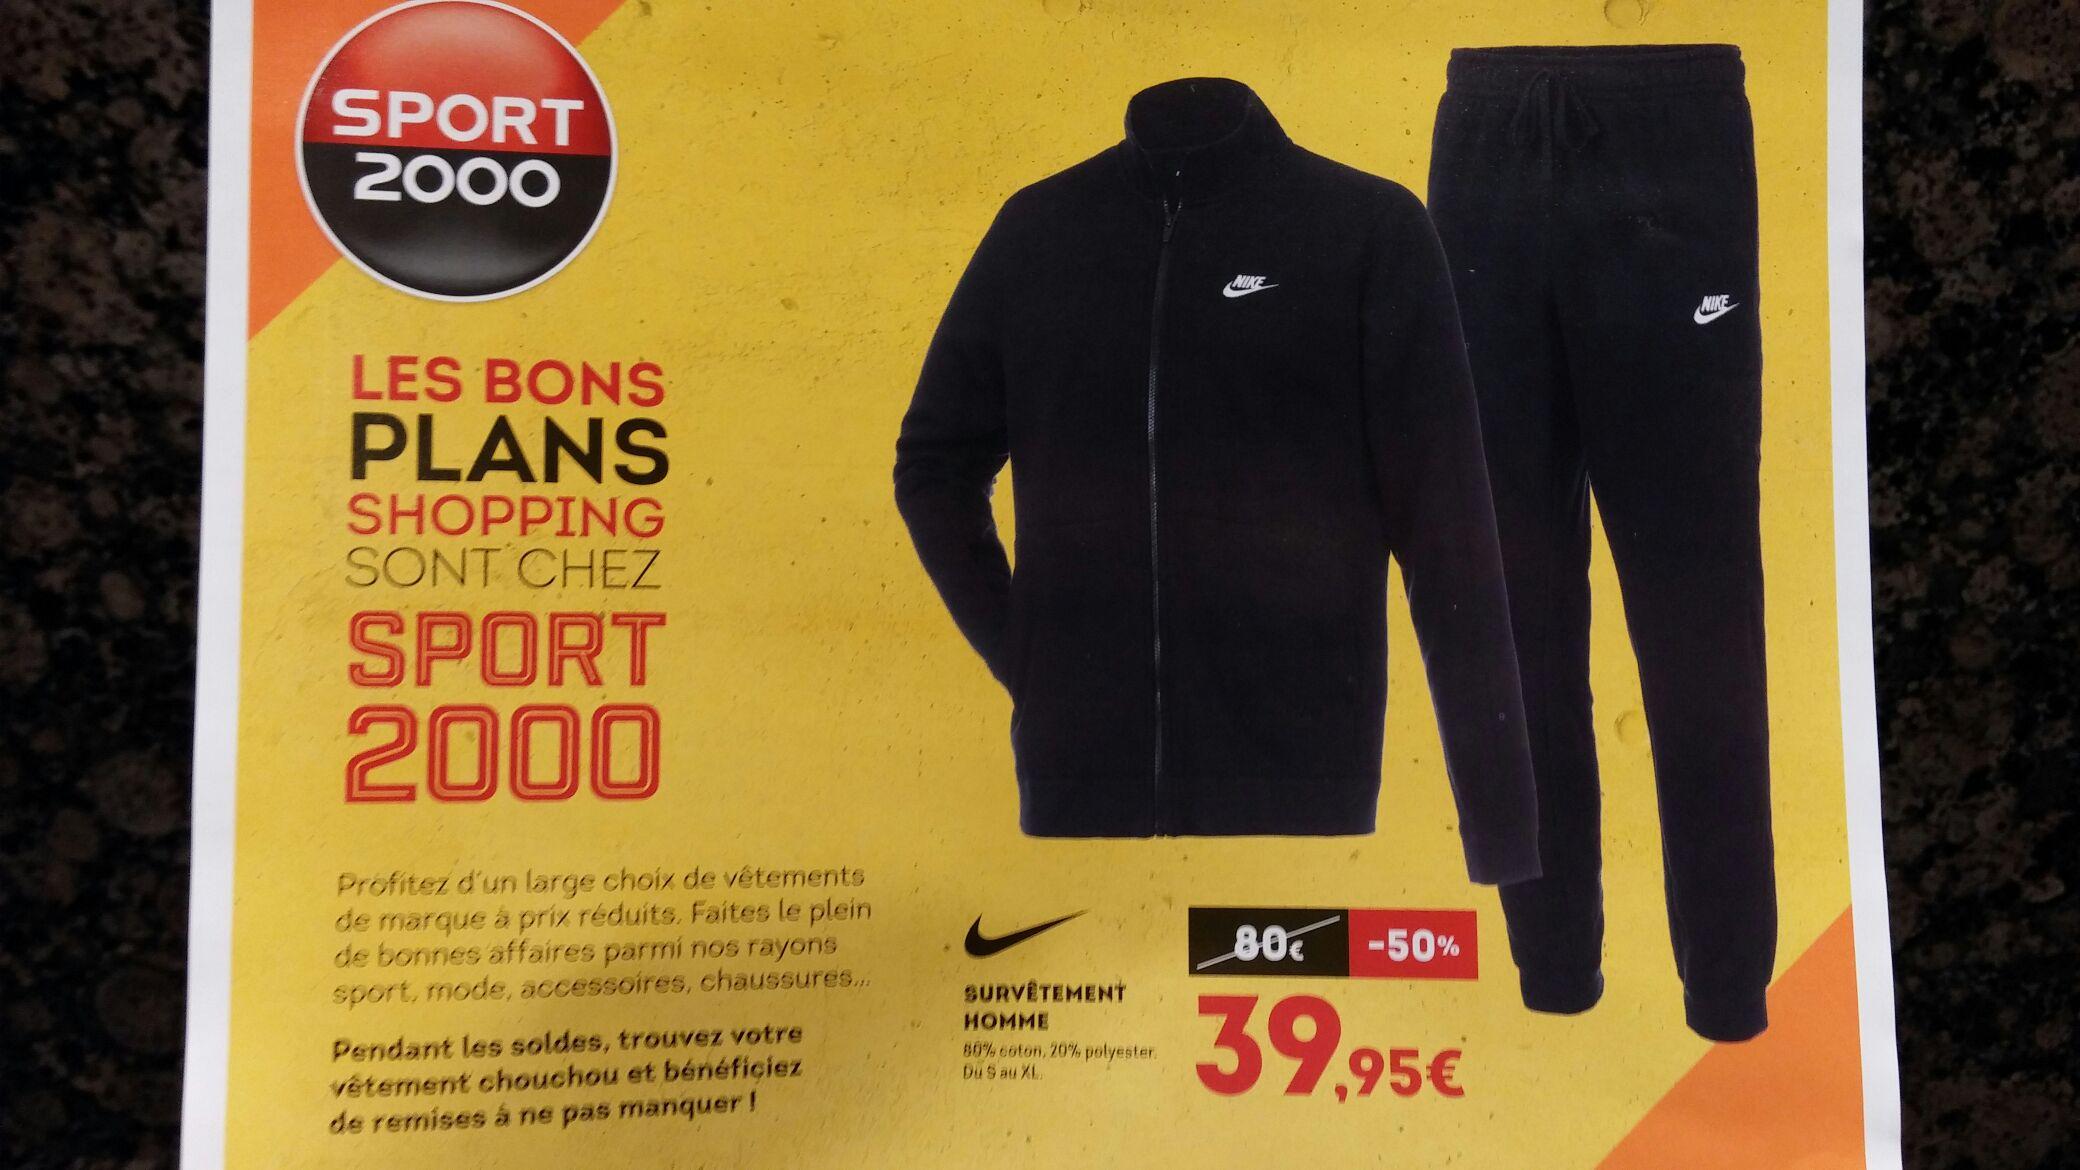 Bons 2000 Bons Plans Sport Plans XzZ0HZ